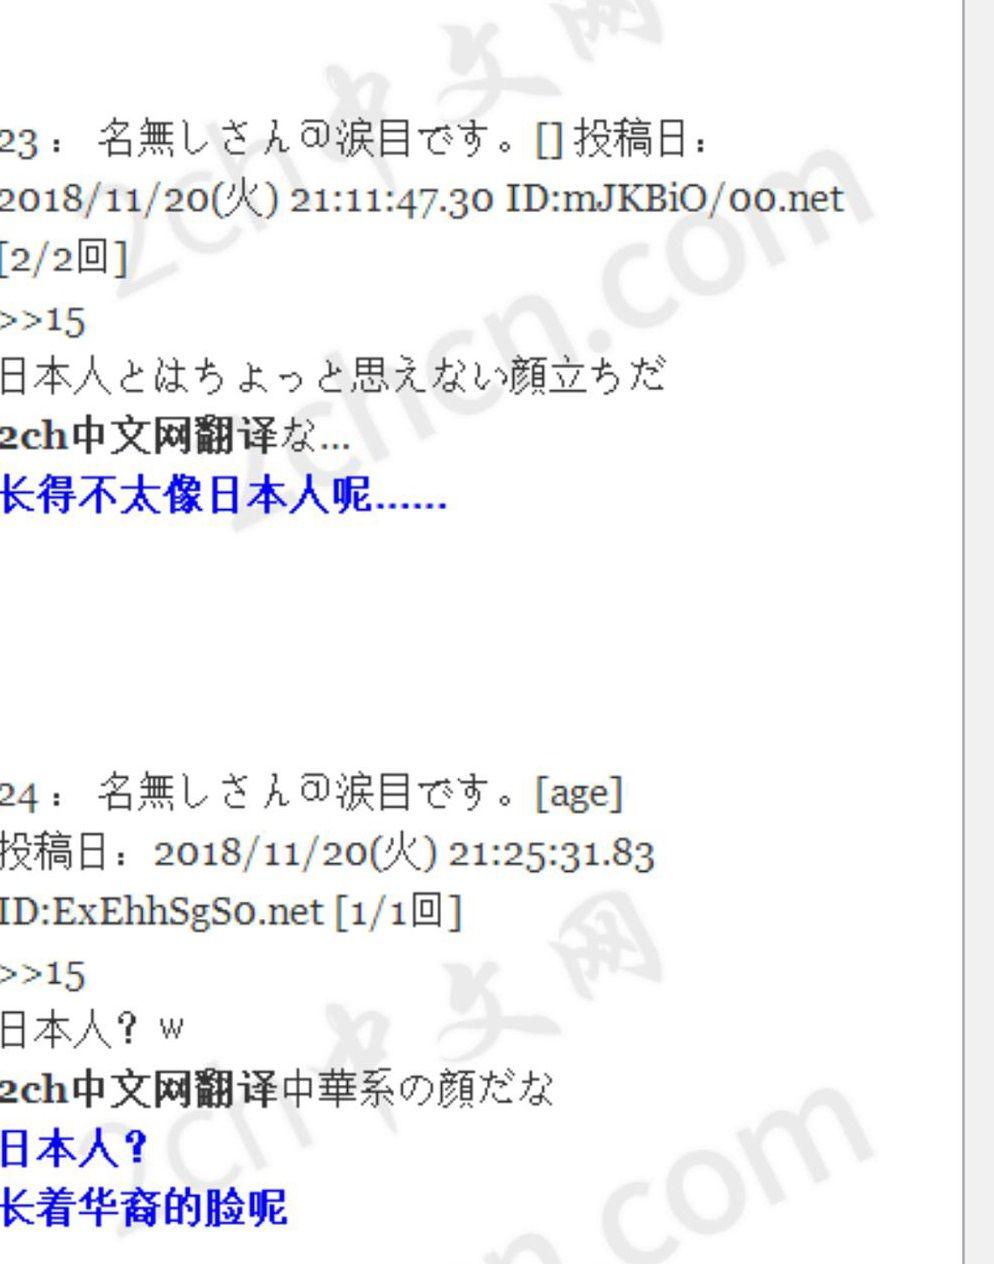 IMG_1543058457525_124ce5bd-4aaf-4674-acd5-632ccd34bd19.jpg